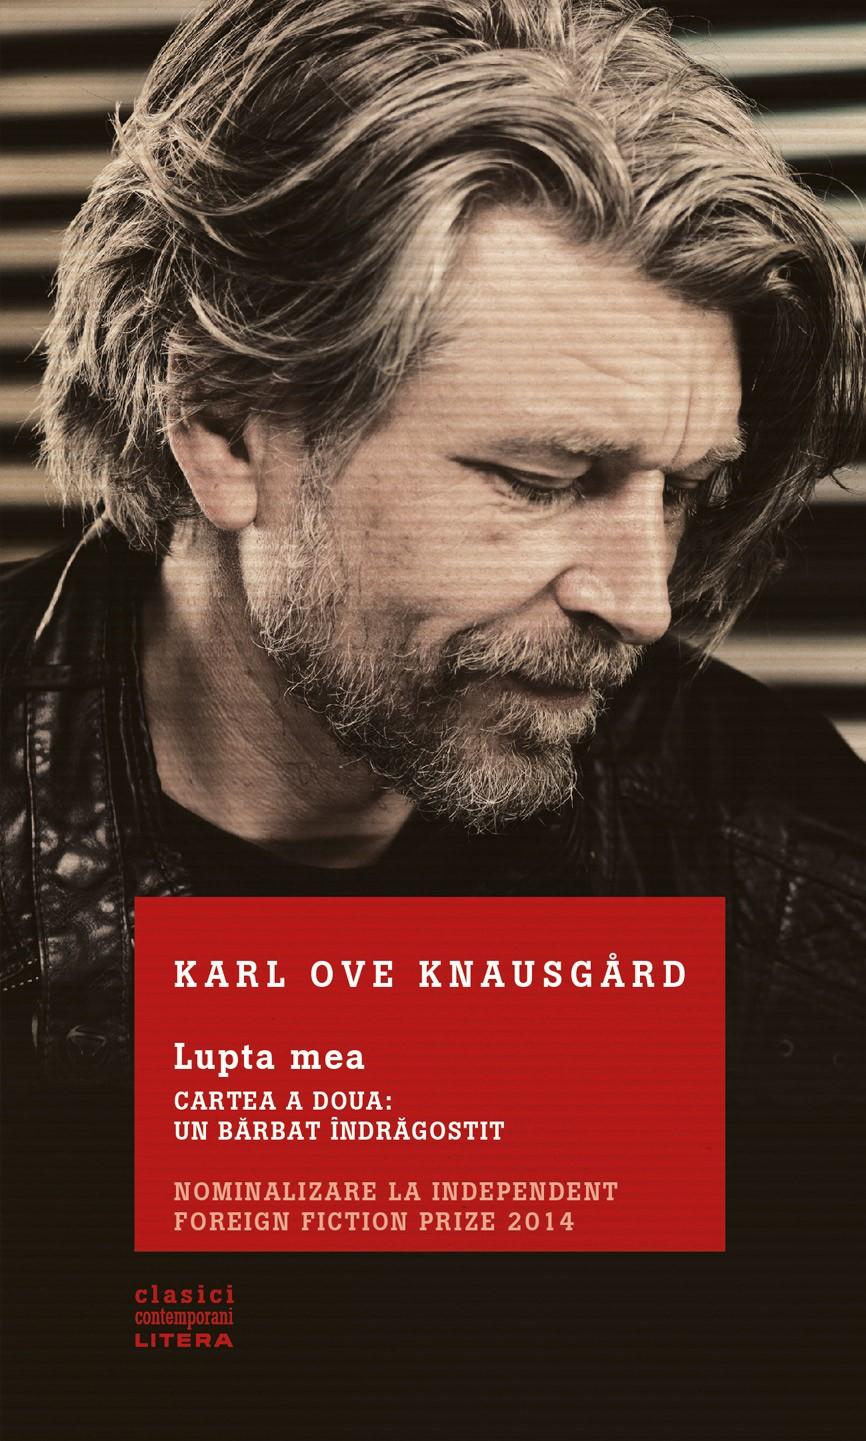 Lupta mea - Un barbat indragostit | Karl Ove Knausgard